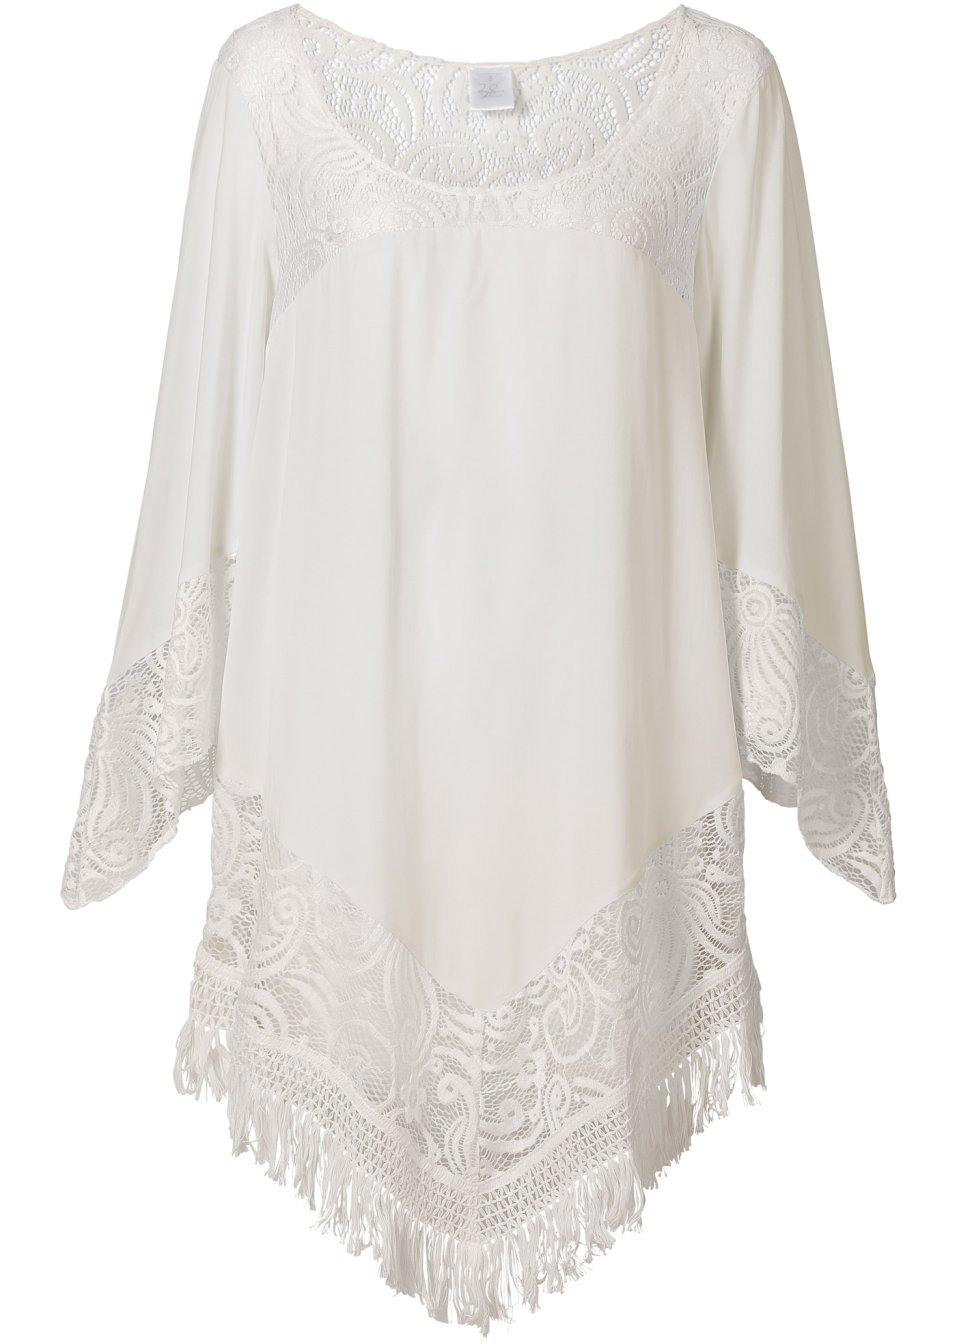 Großartig Weißes Kleid Größe 50 Spezialgebiet17 Kreativ Weißes Kleid Größe 50 für 2019